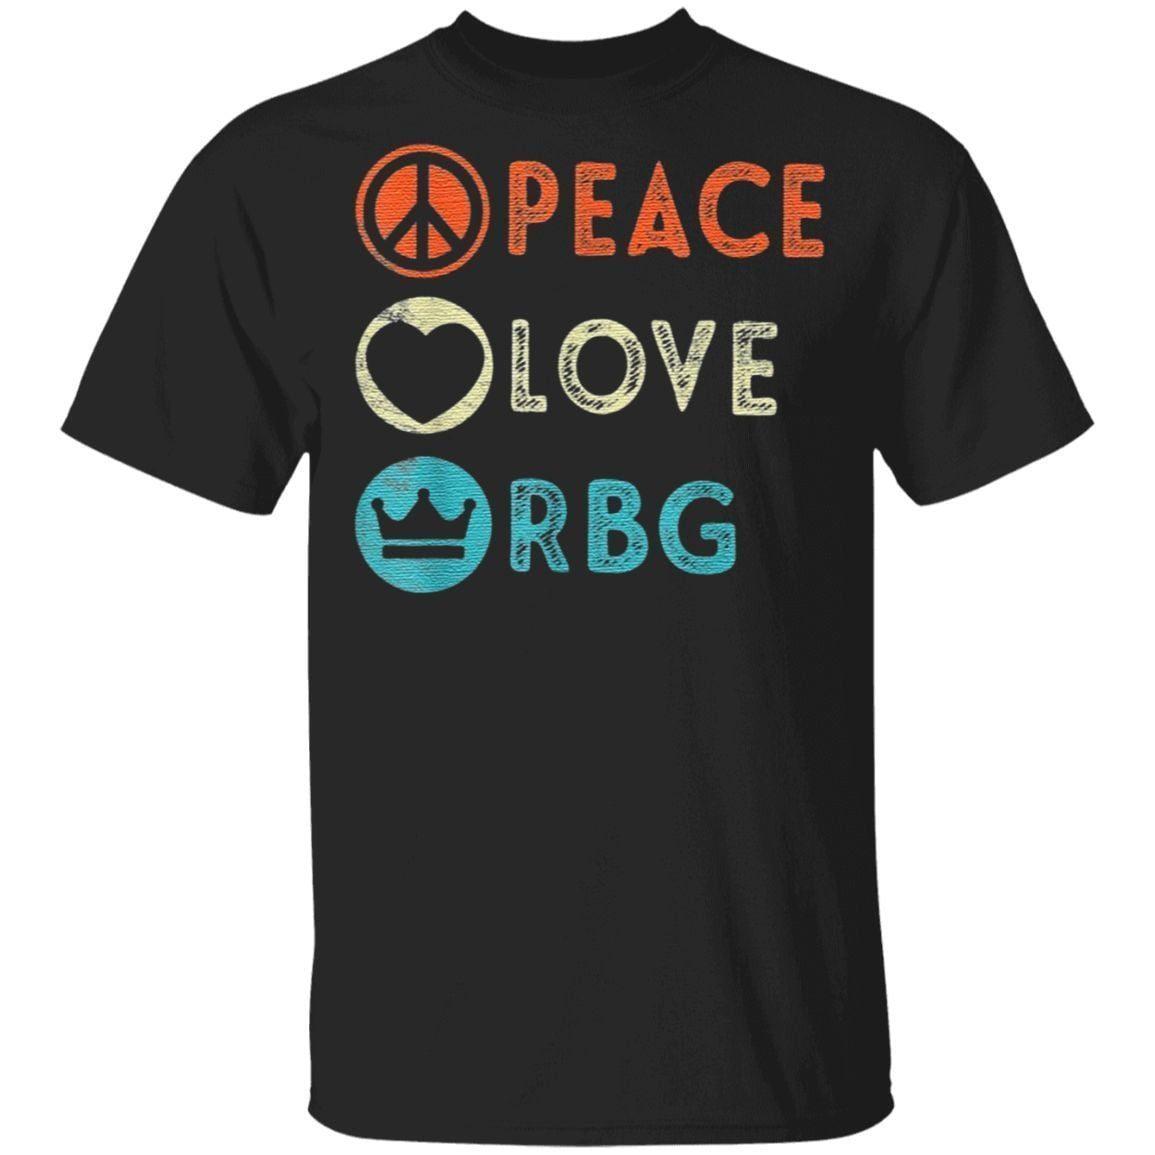 Peace love RBG shirt notorious rbg t shirt